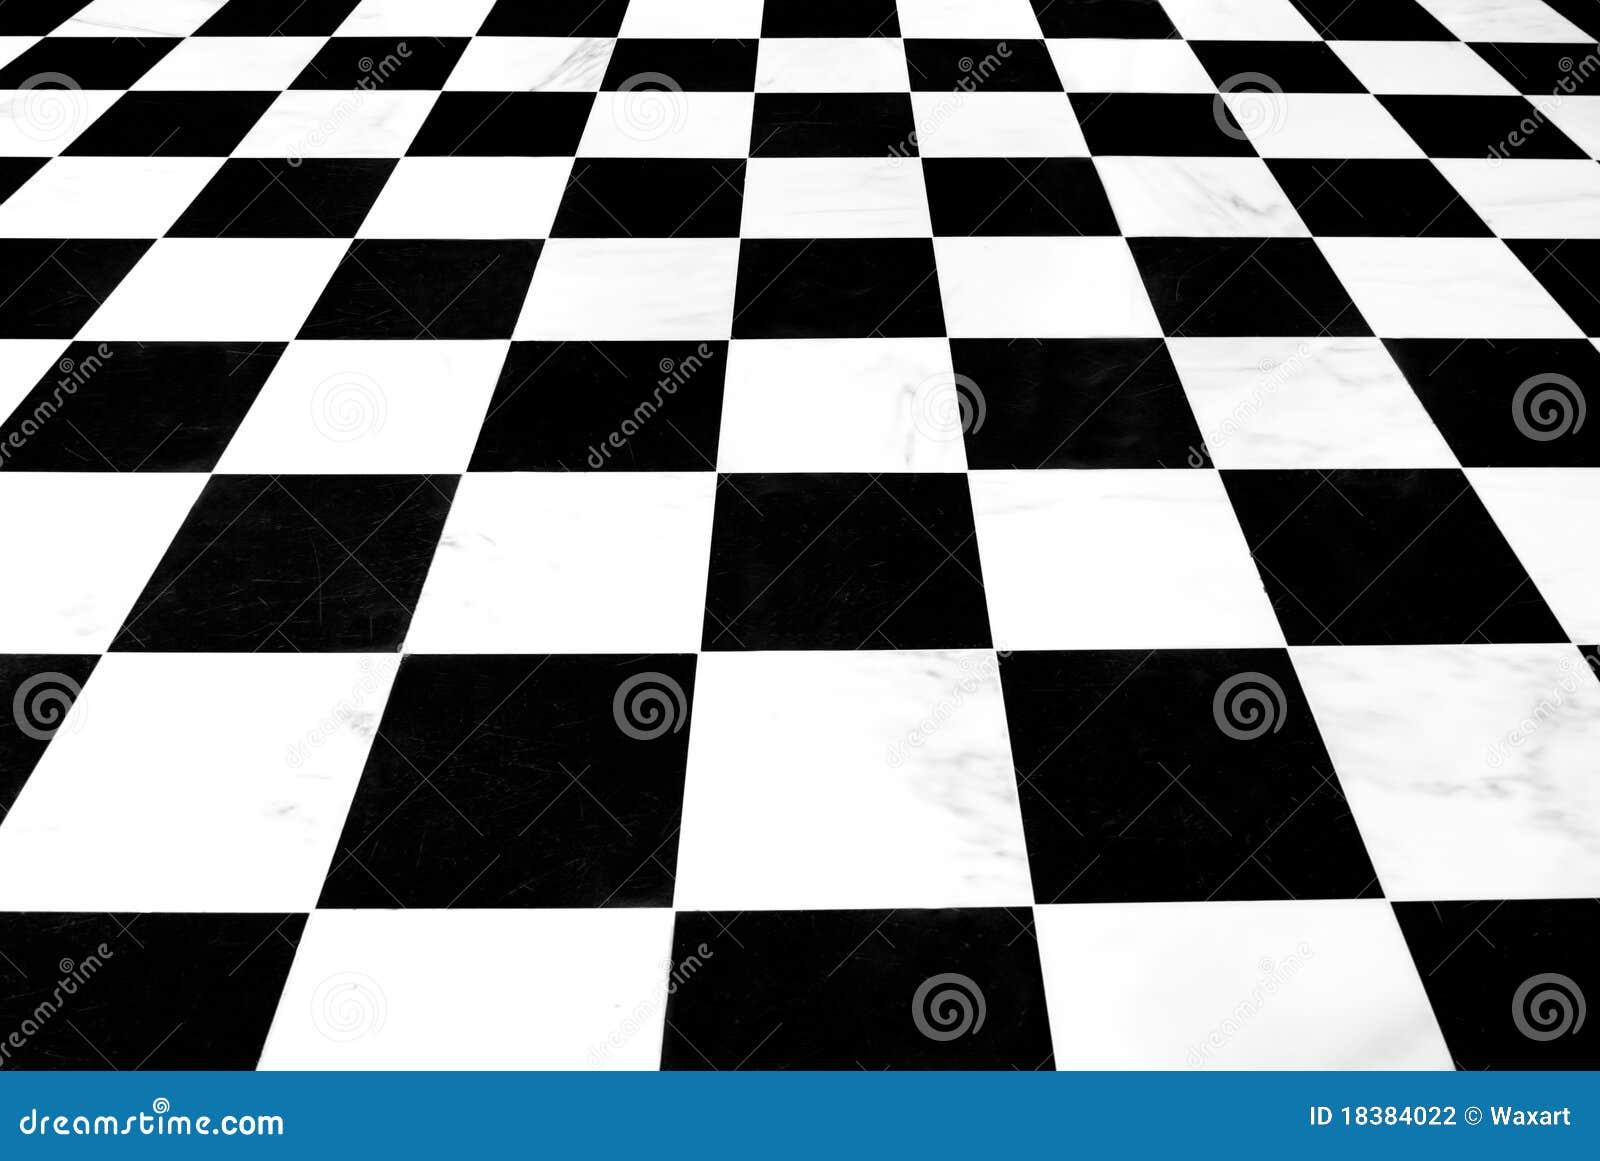 Pavimento checkered in bianco e nero fotografia stock for Pavimento bianco e nero